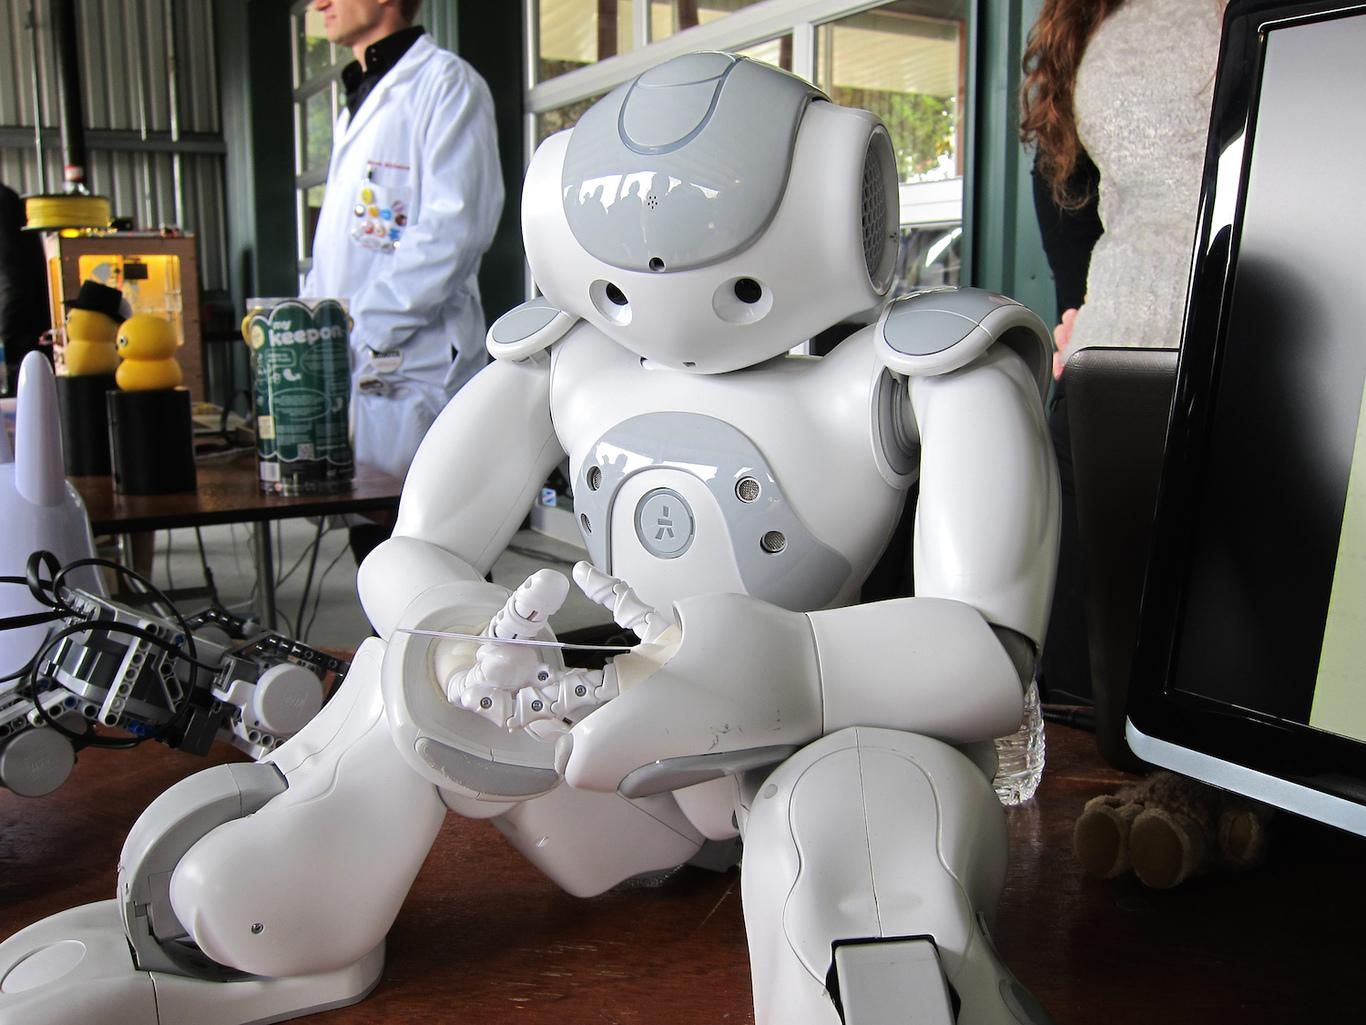 На технологическом форуме самым современным роботом оказался аниматор Алеша